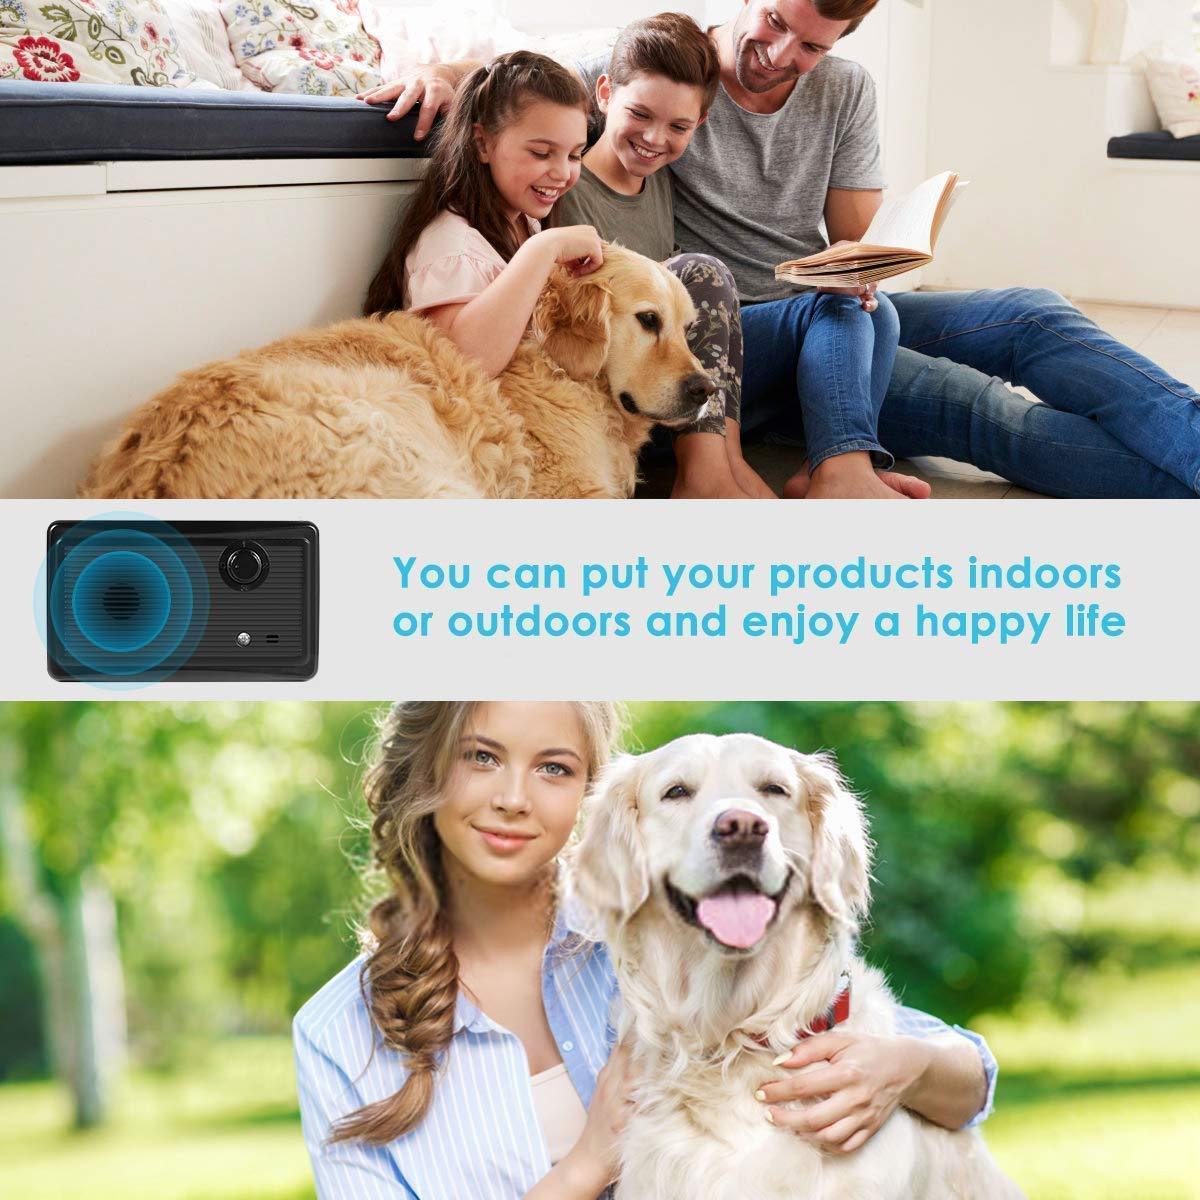 Máy chống chó sủa phát siêu âm, ngăn chó sủa trong nhà và ngoài trời Promax Anti Barking